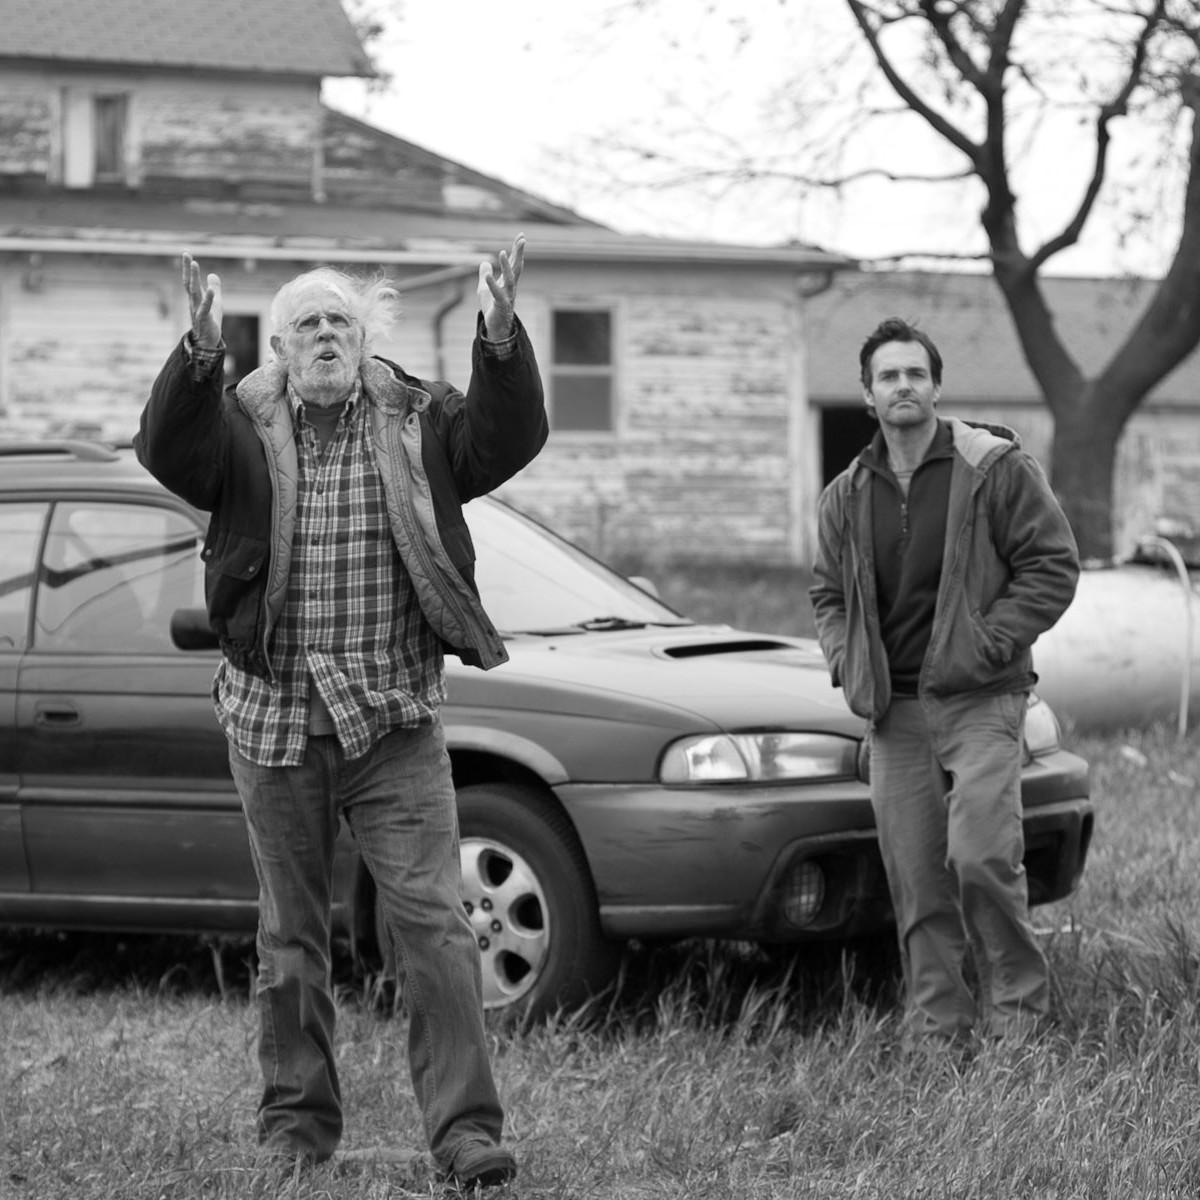 Houston Cinema Arts Festival 2013 Nebraska with Bruce Dern, left and Will Forte